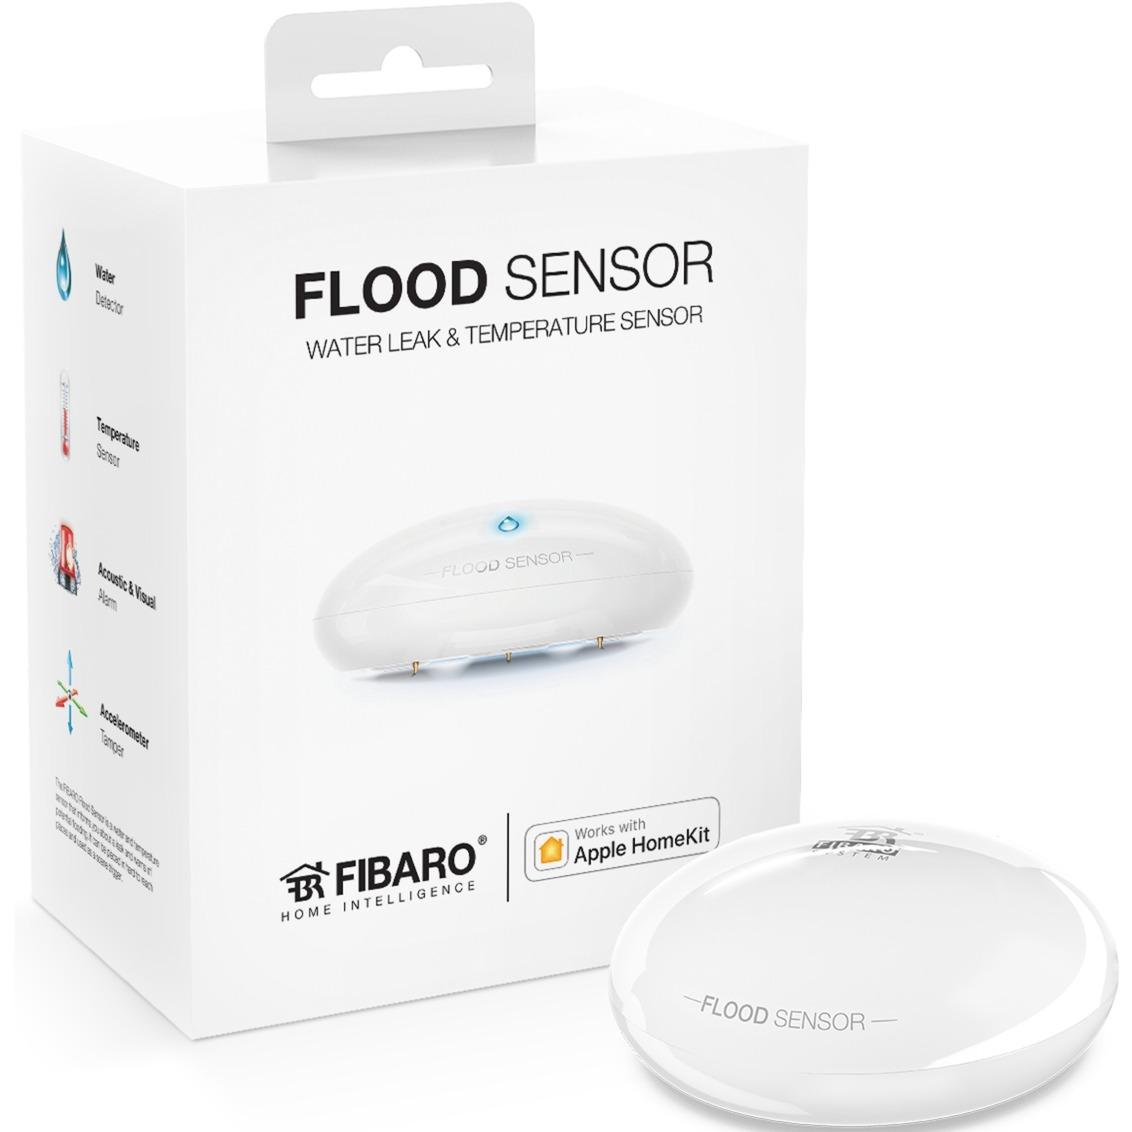 FGBHFS-101 mulltisensor smart home Inalámbrico Bluetooth, Detectores de agua